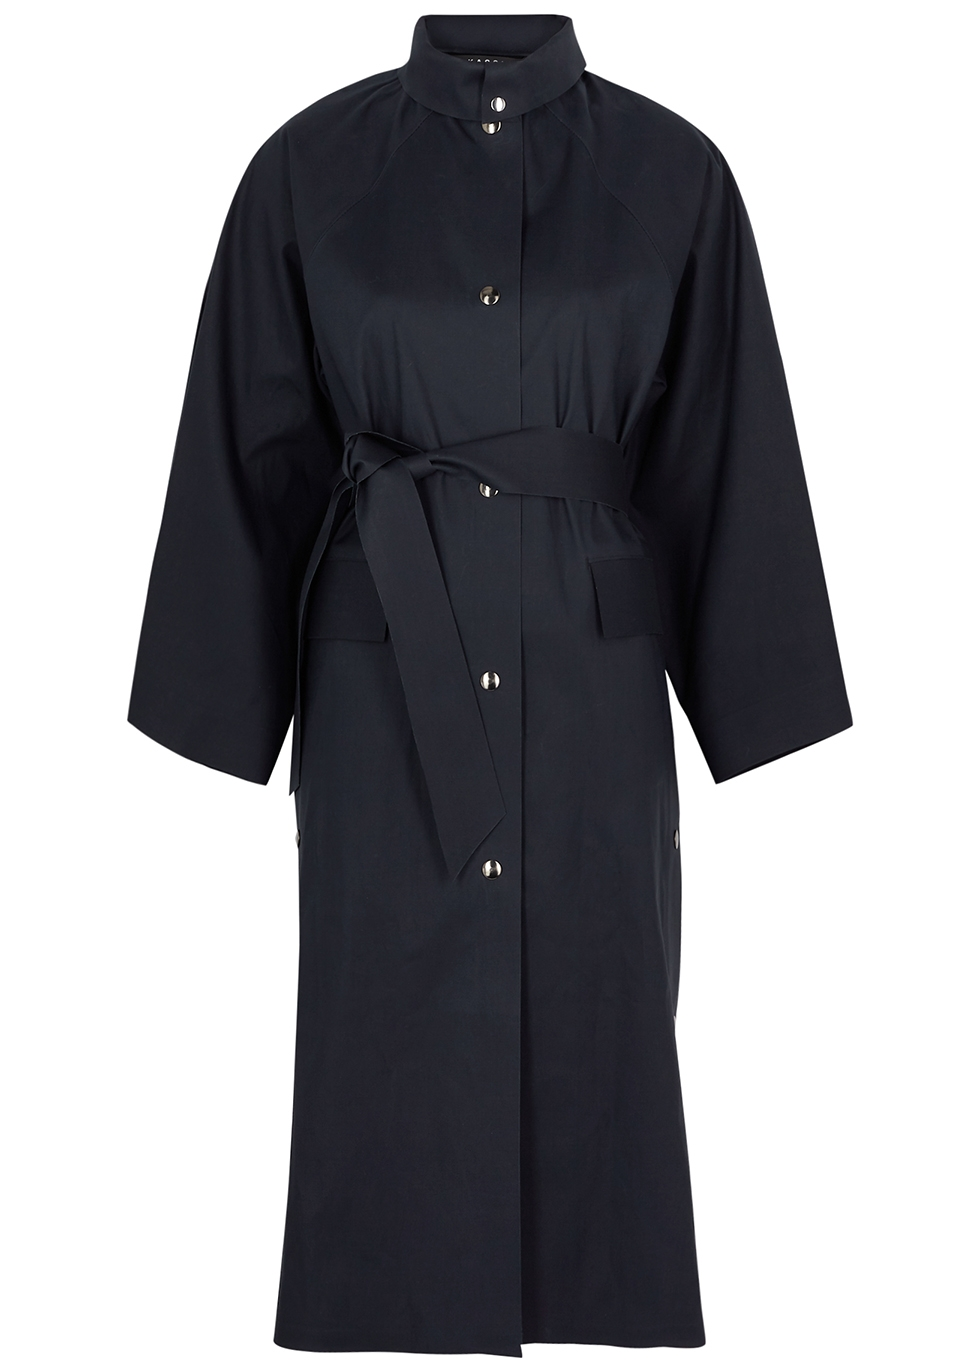 Kimono Below navy cotton-blend coat